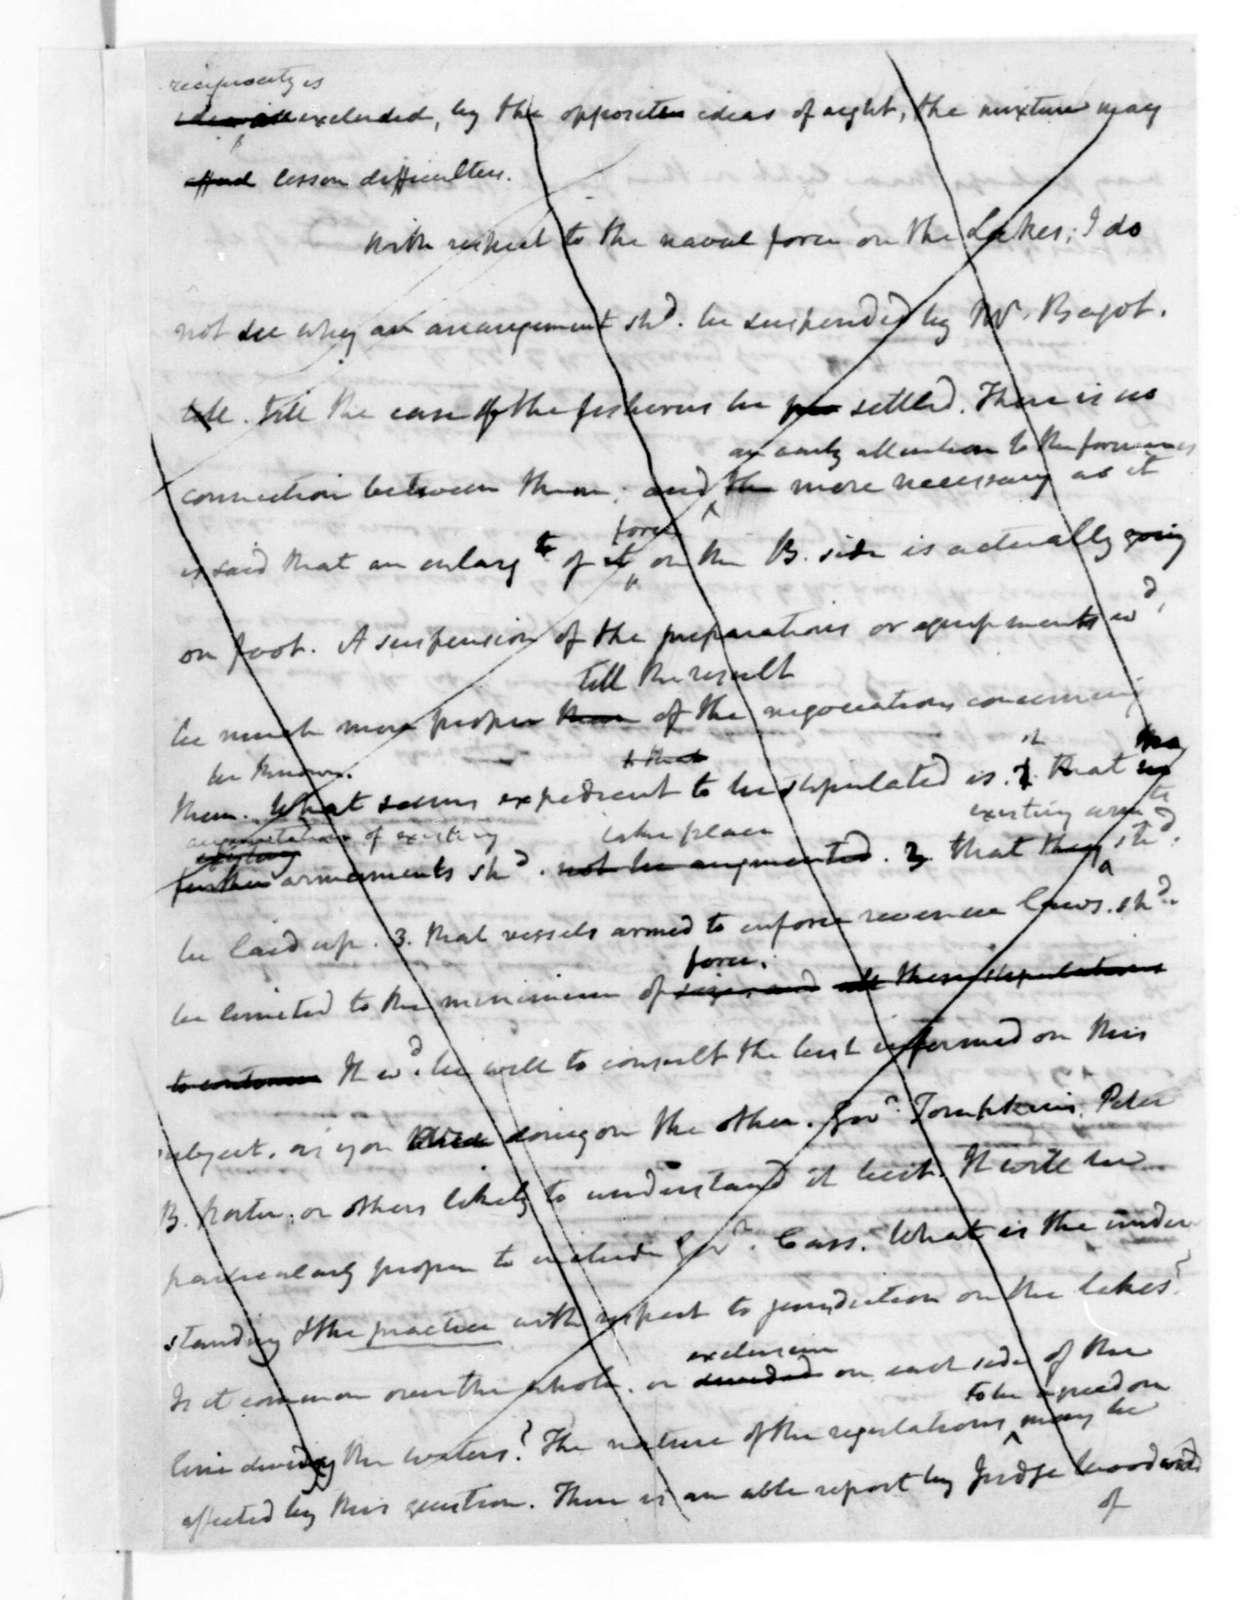 James Madison to Lane, July 12, 1816.